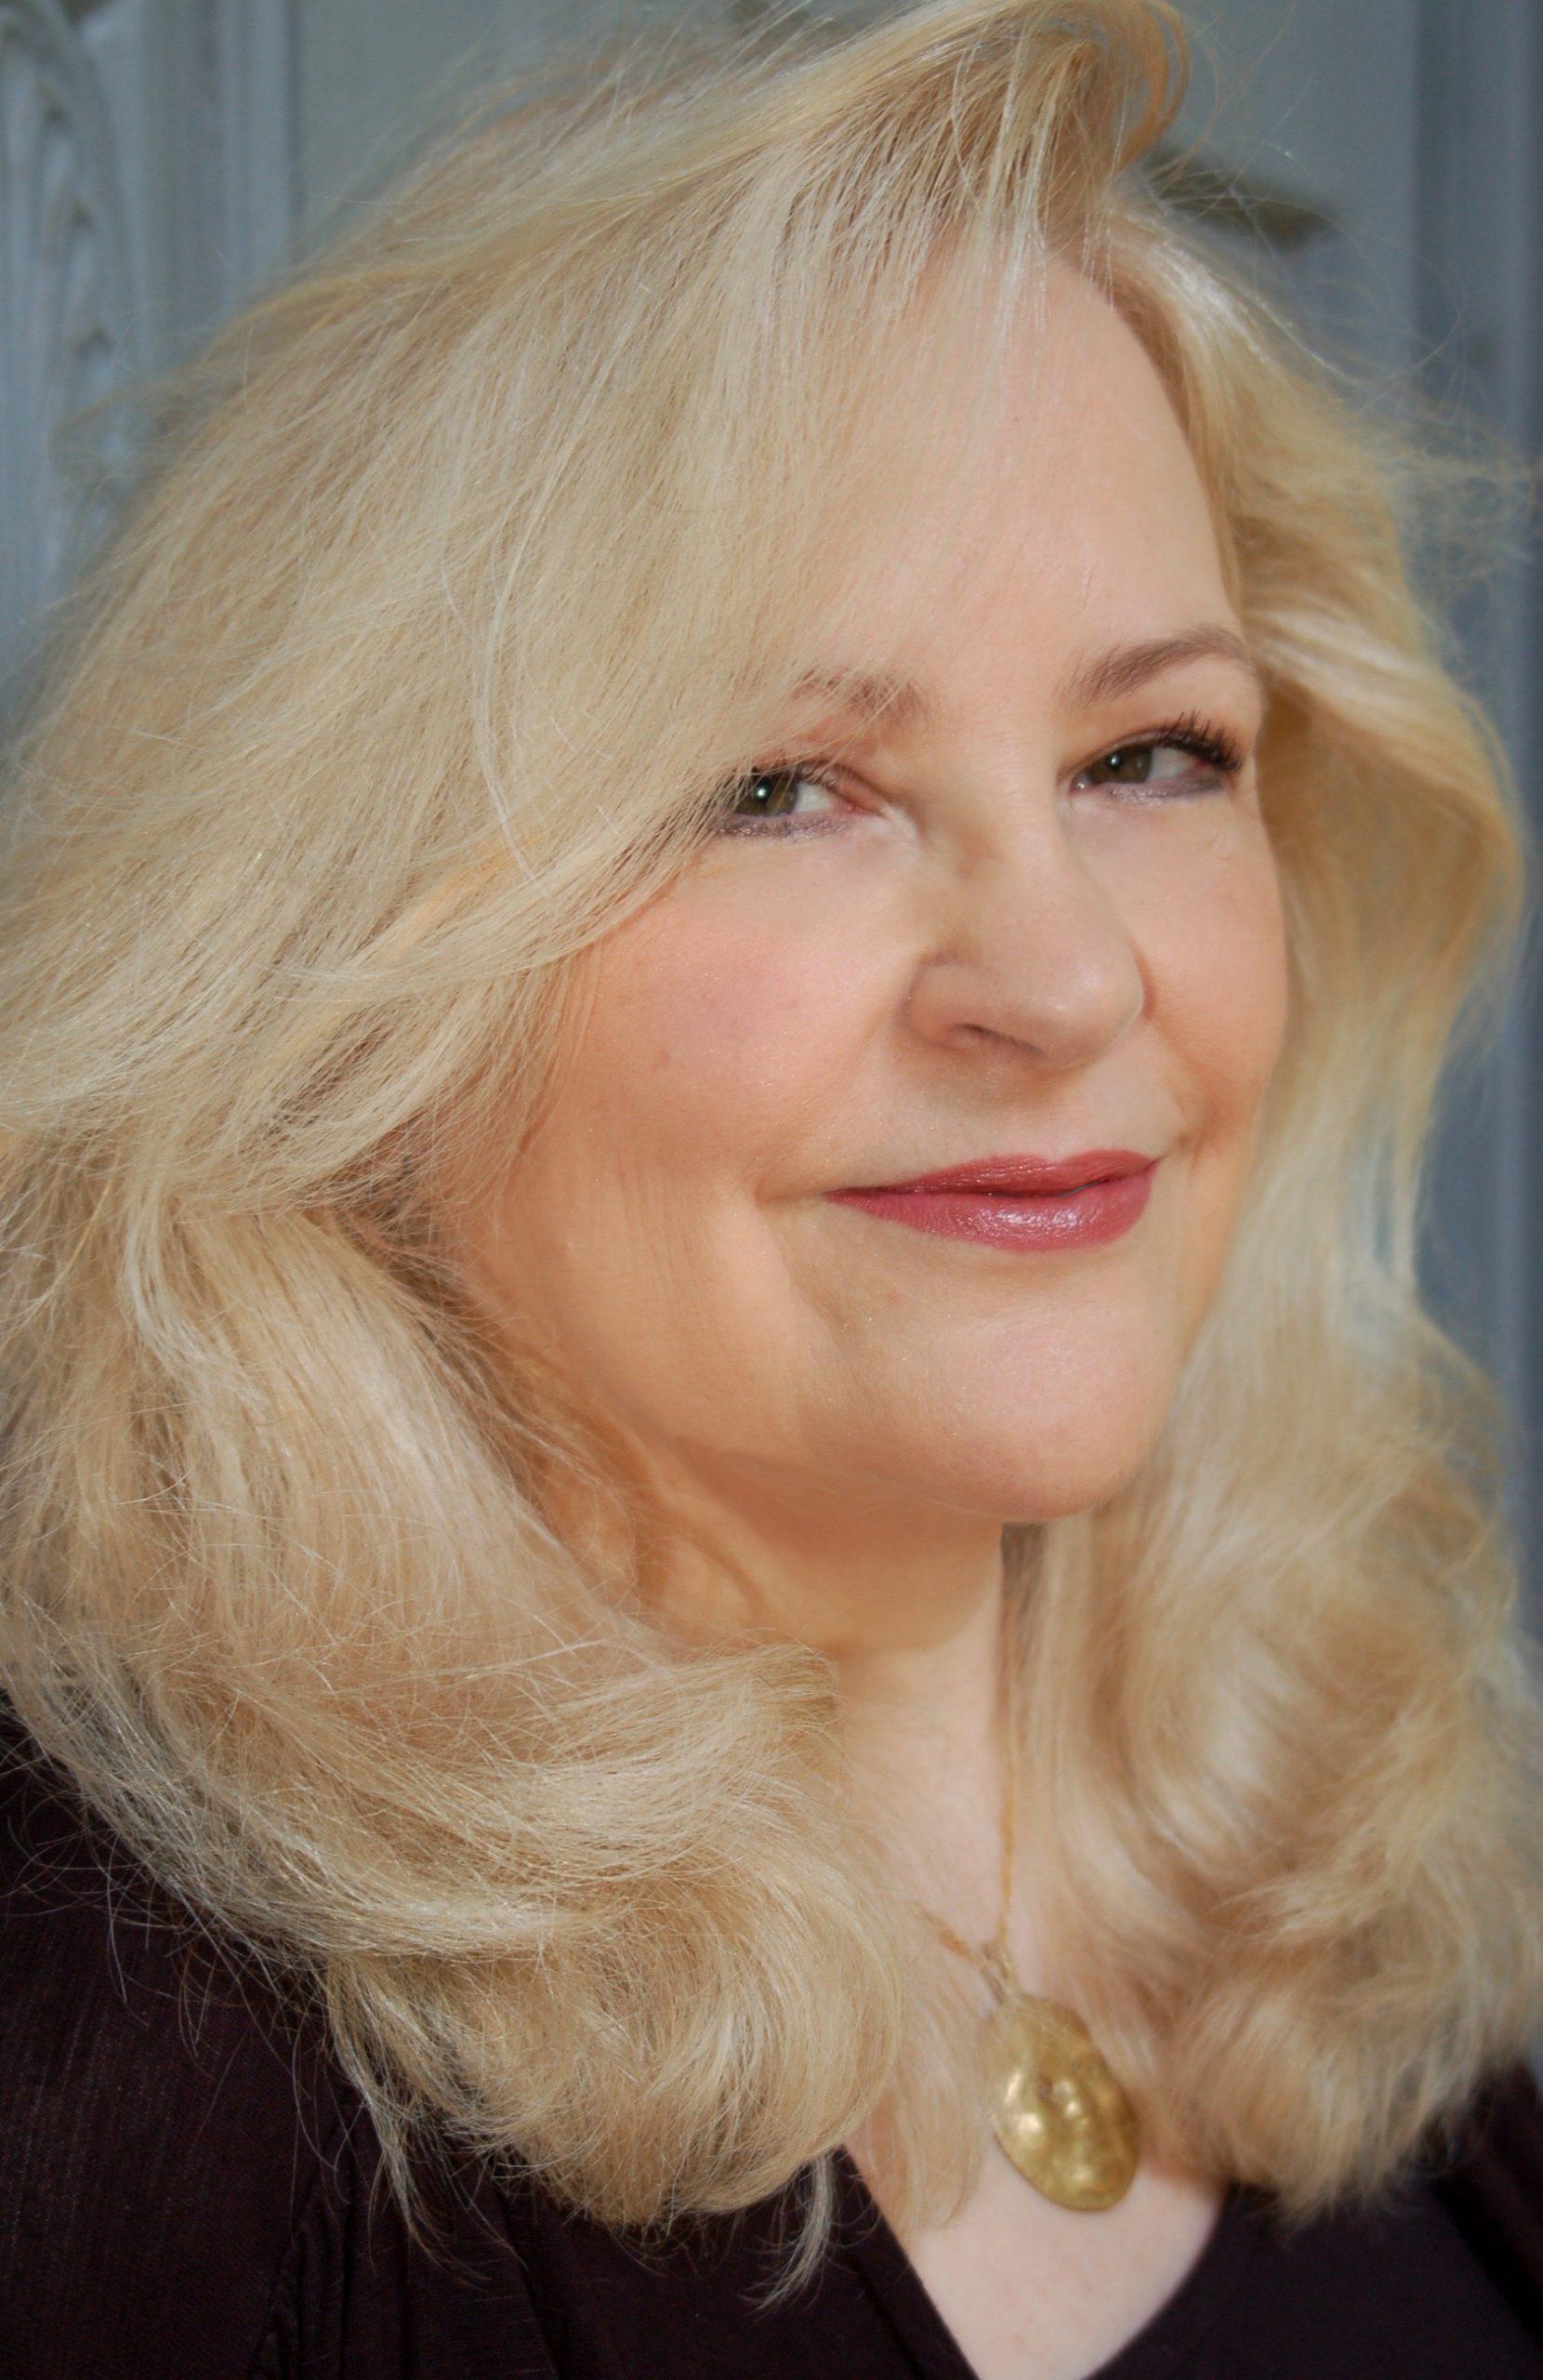 Sarah Cain